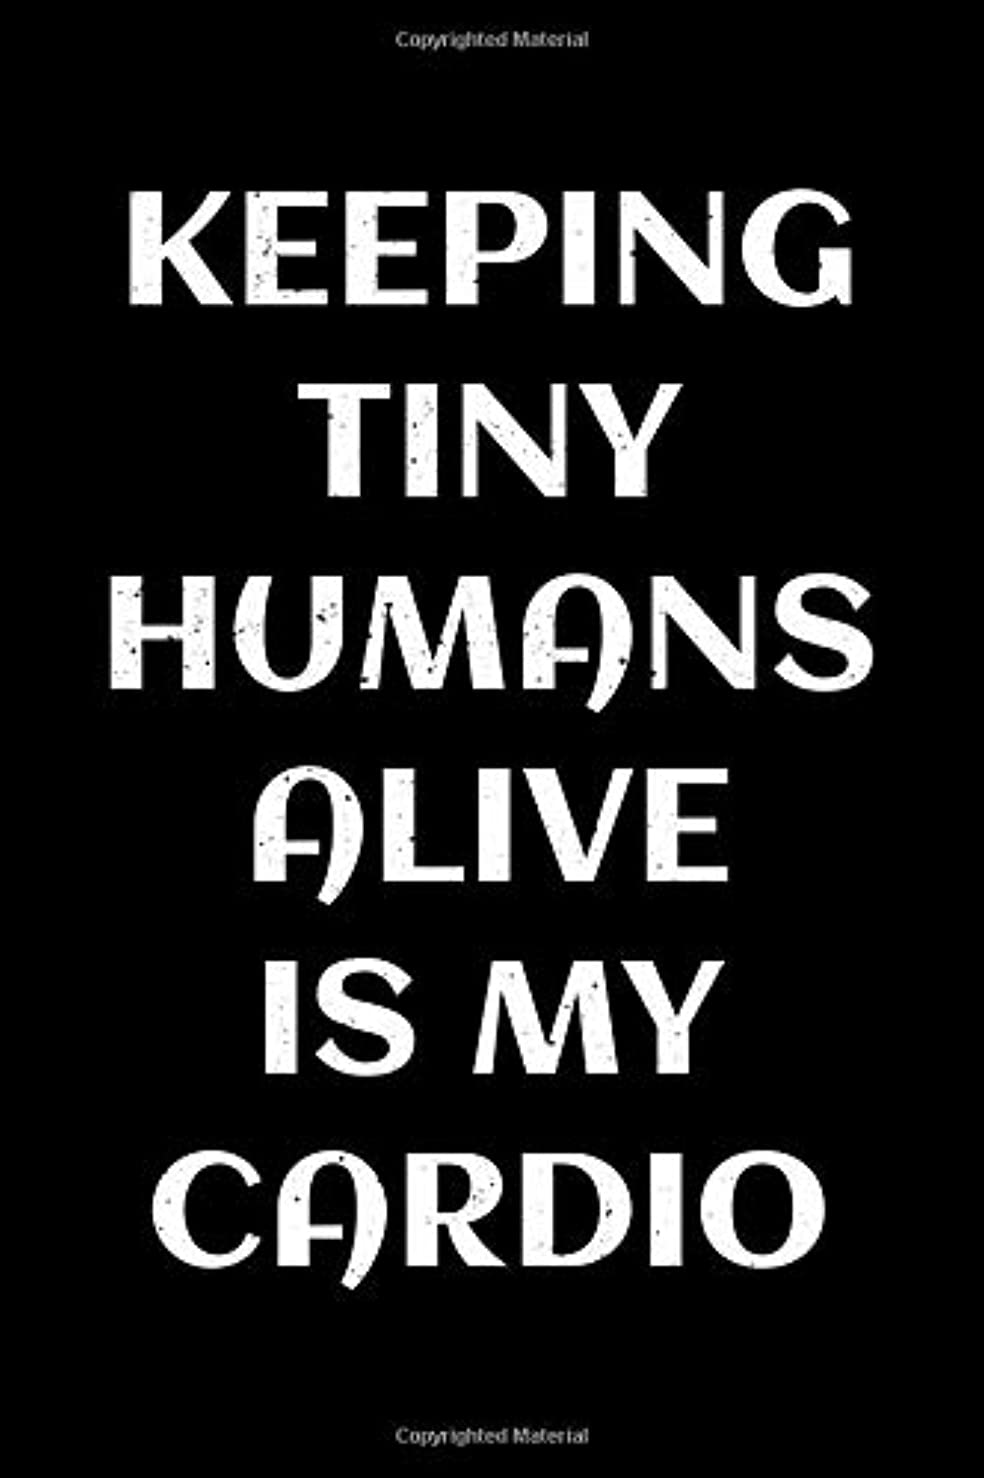 試みるジャーナルシンプルさKeeping tiny humans alive is my cardio: Notebook (Journal, Diary) for Moms | 120 lined pages to write in